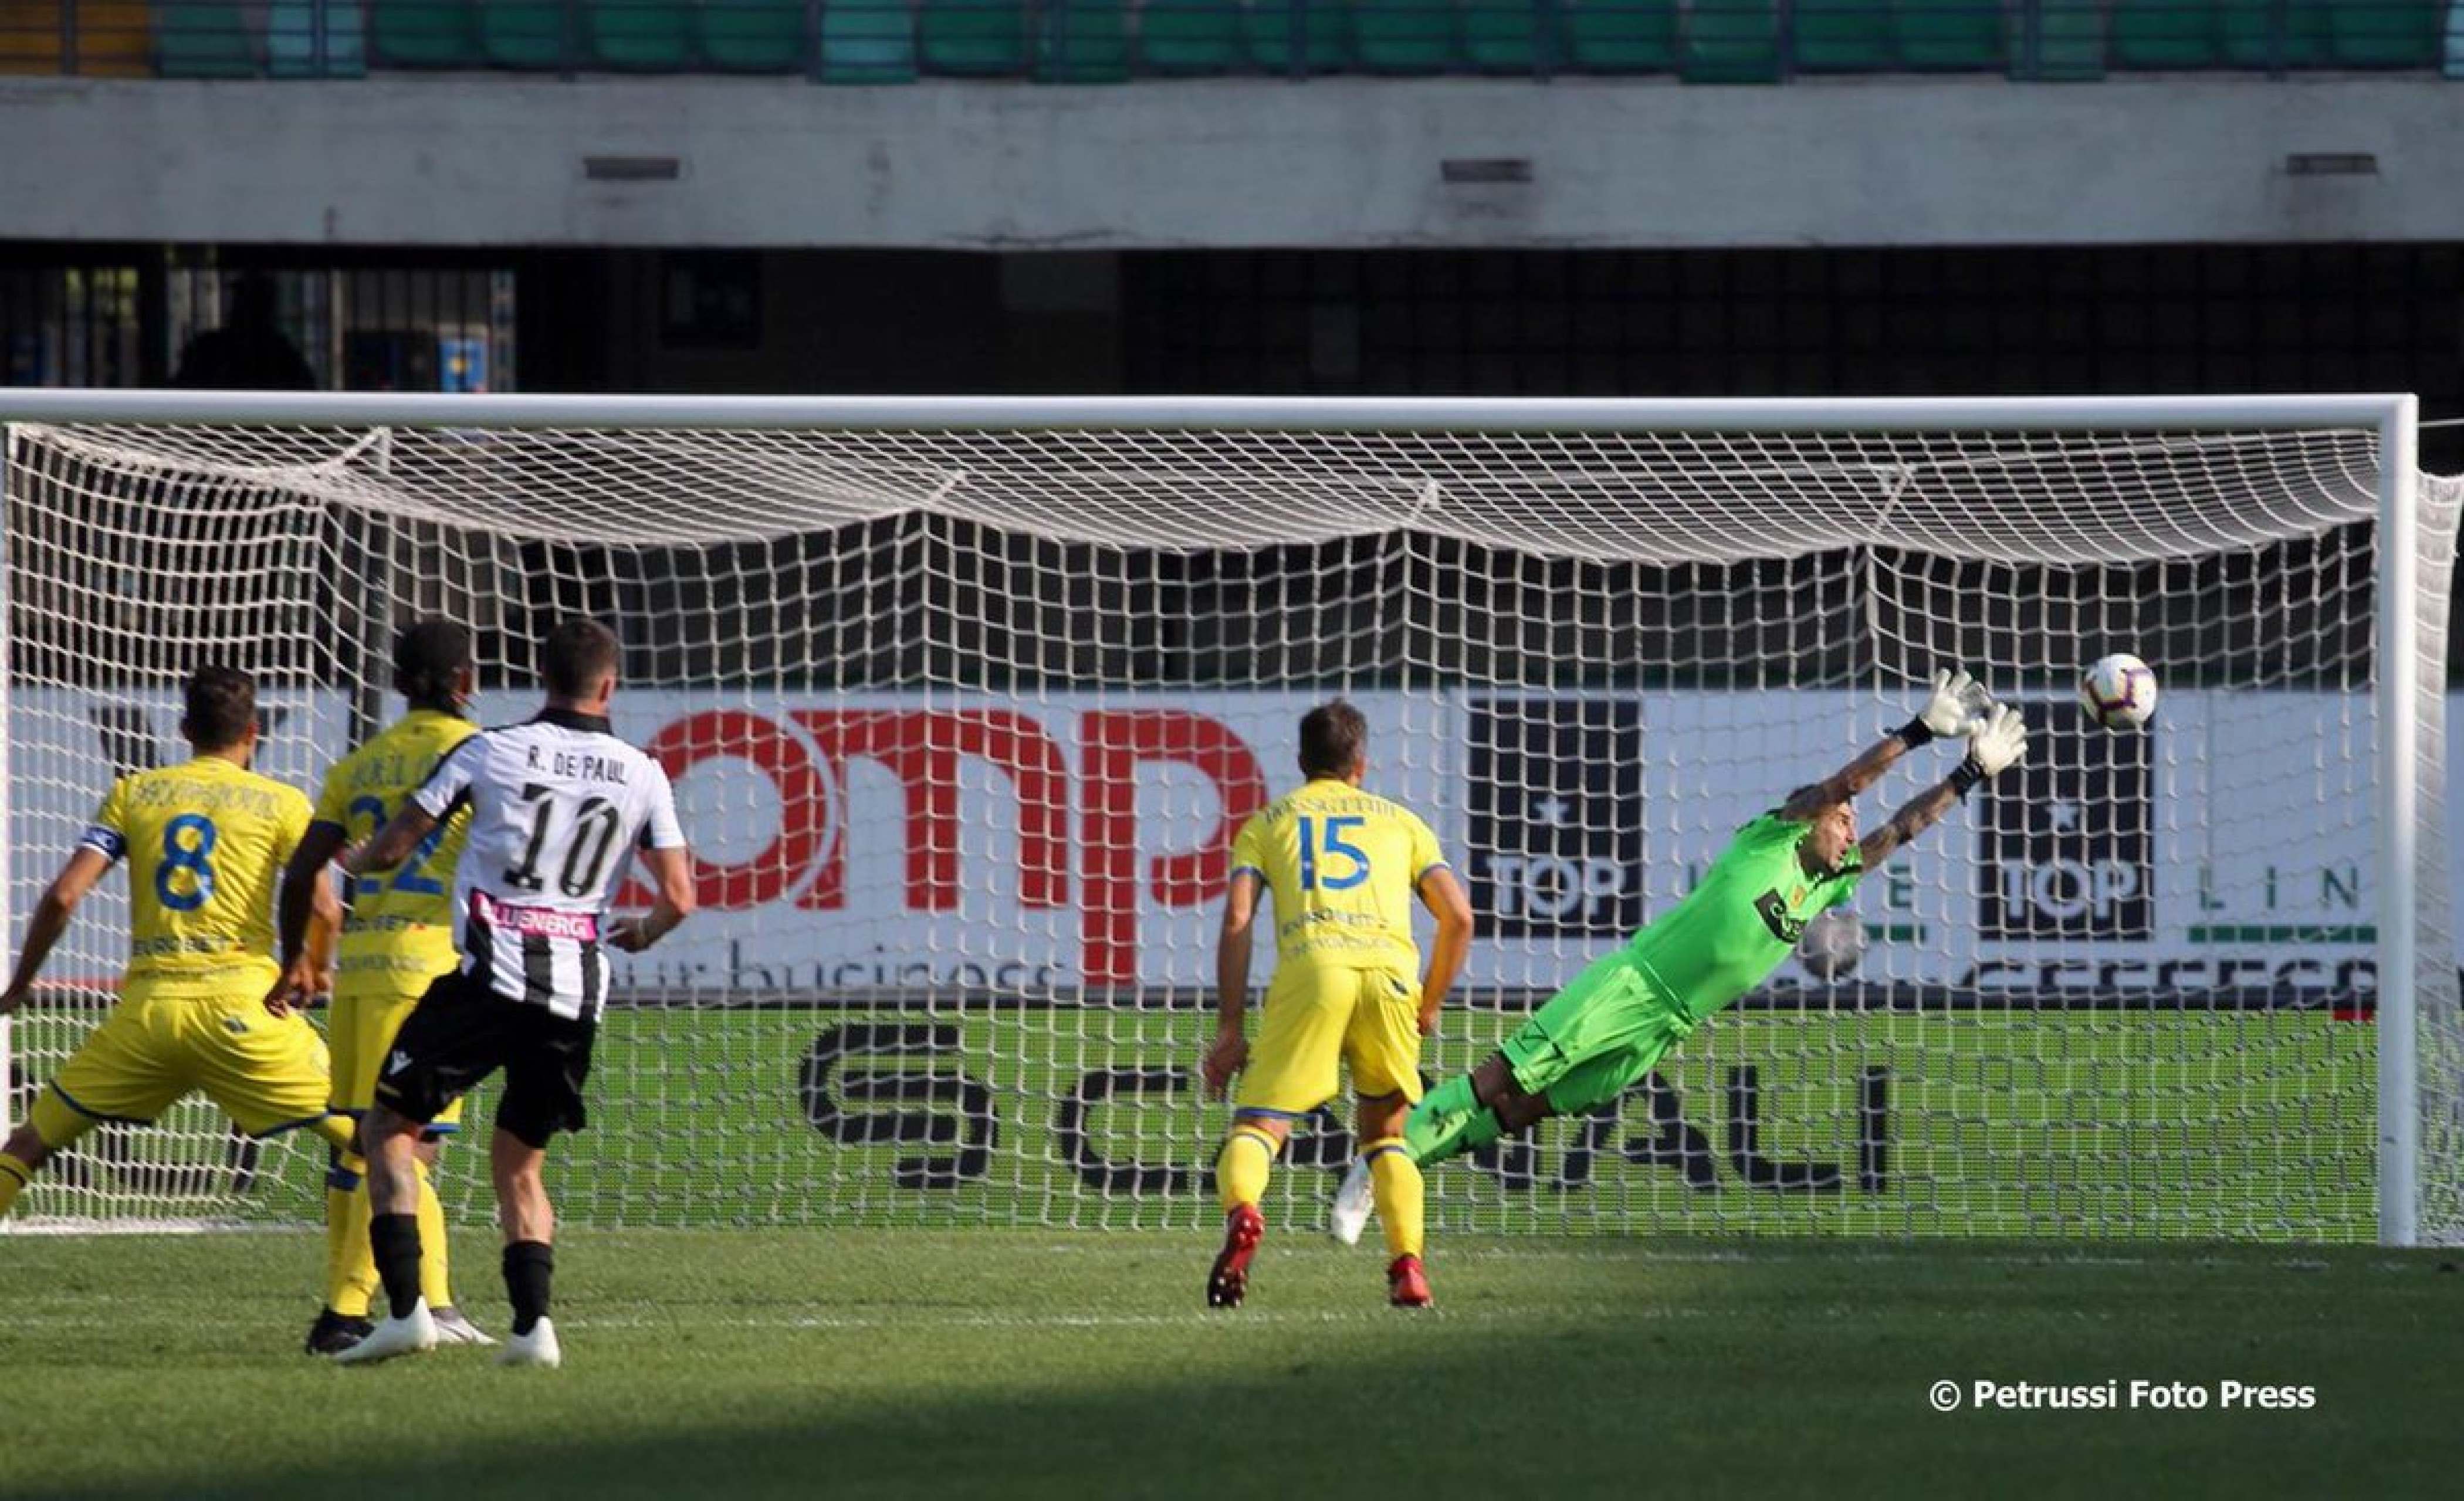 Serie A - Un lampo di De Paul e una fiammata di Lasagna, il Chievo è ko (0-2)